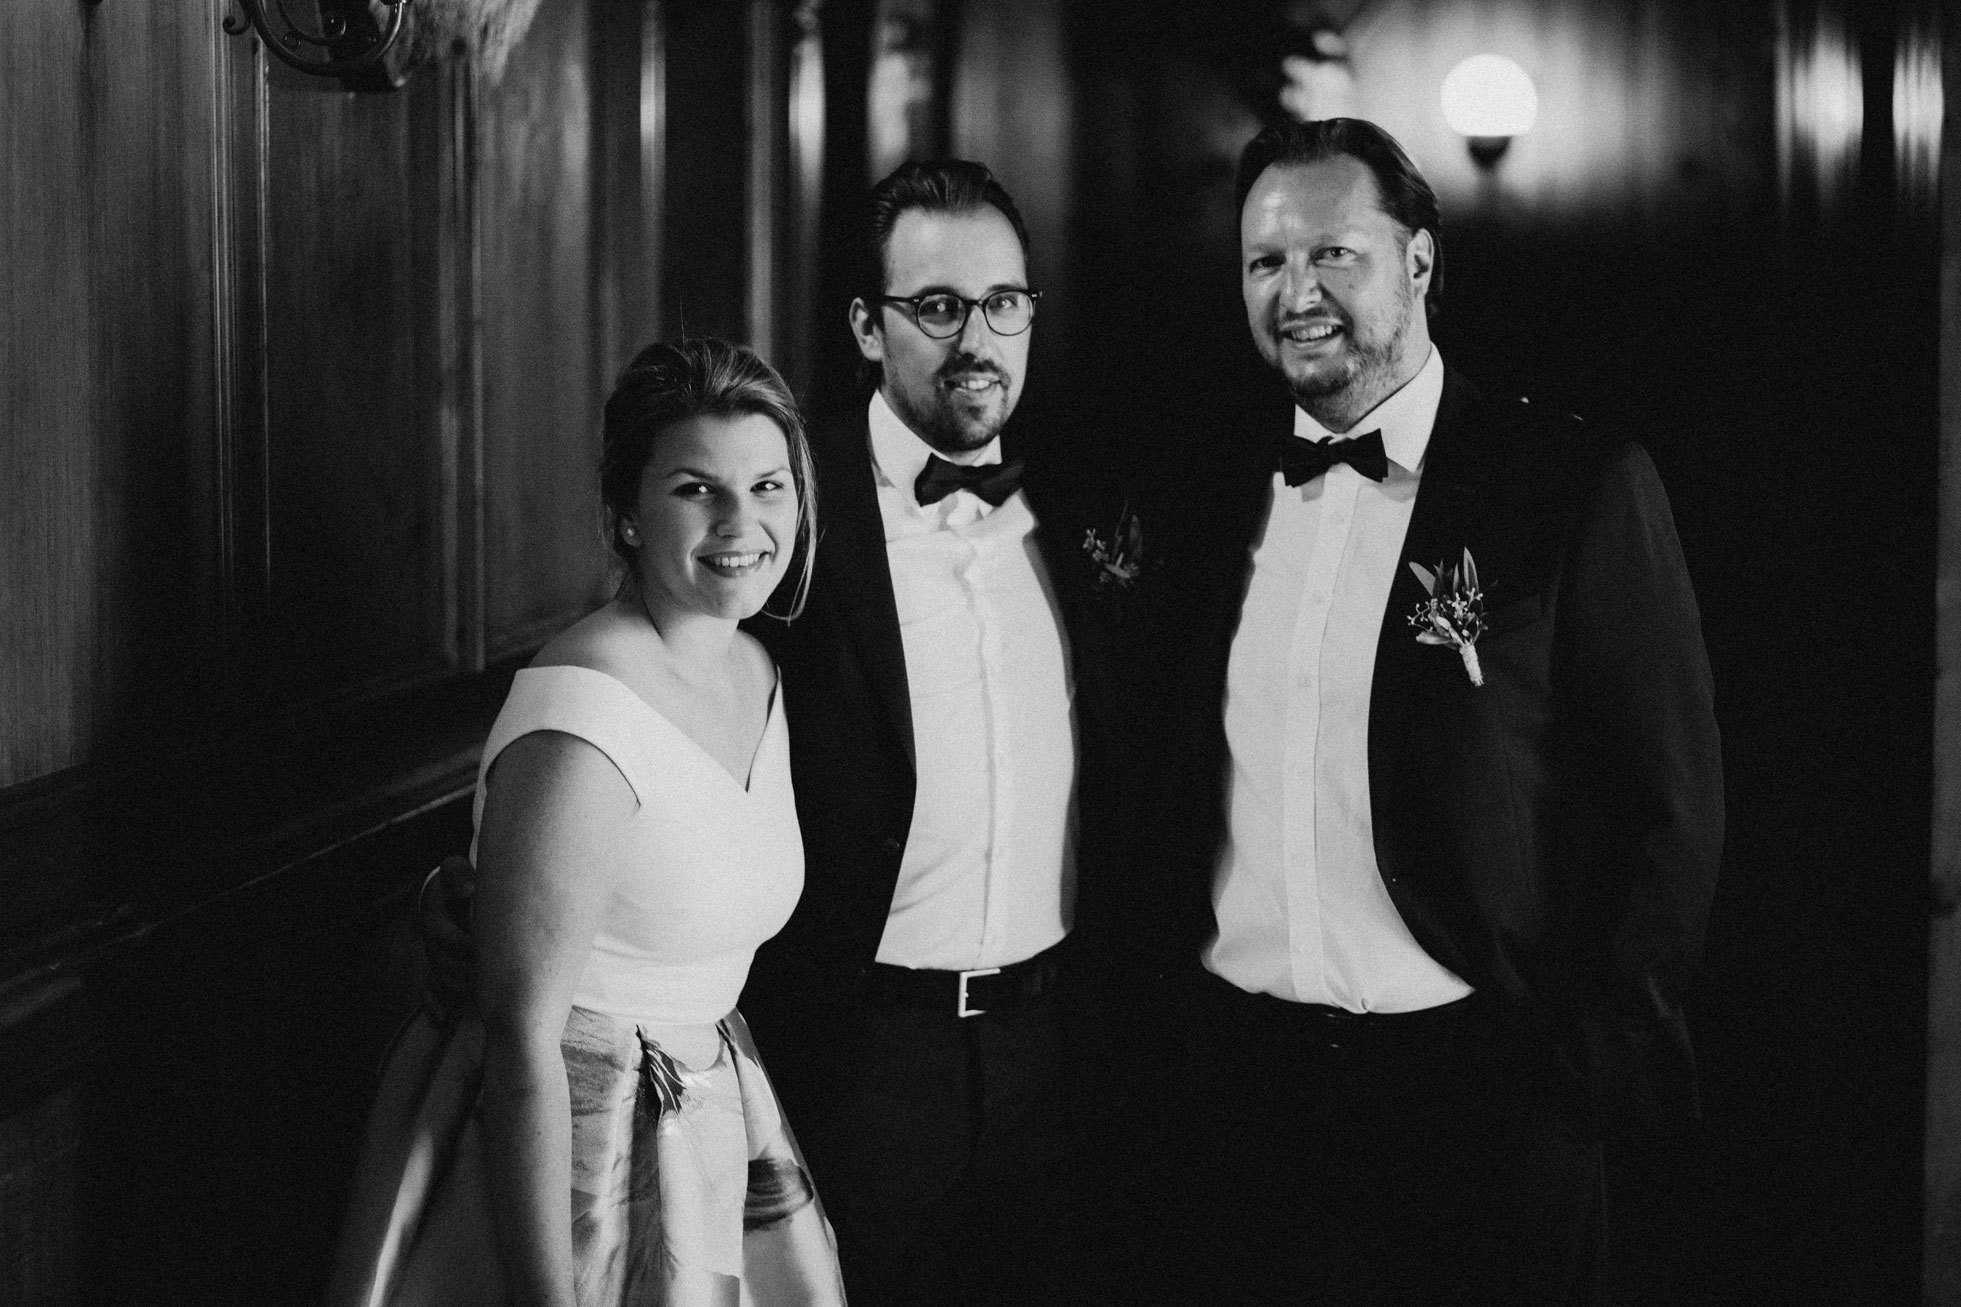 Hochzeit_Claire_Manuel_Villa_Maund_Daniel_Jenny-95.jpg